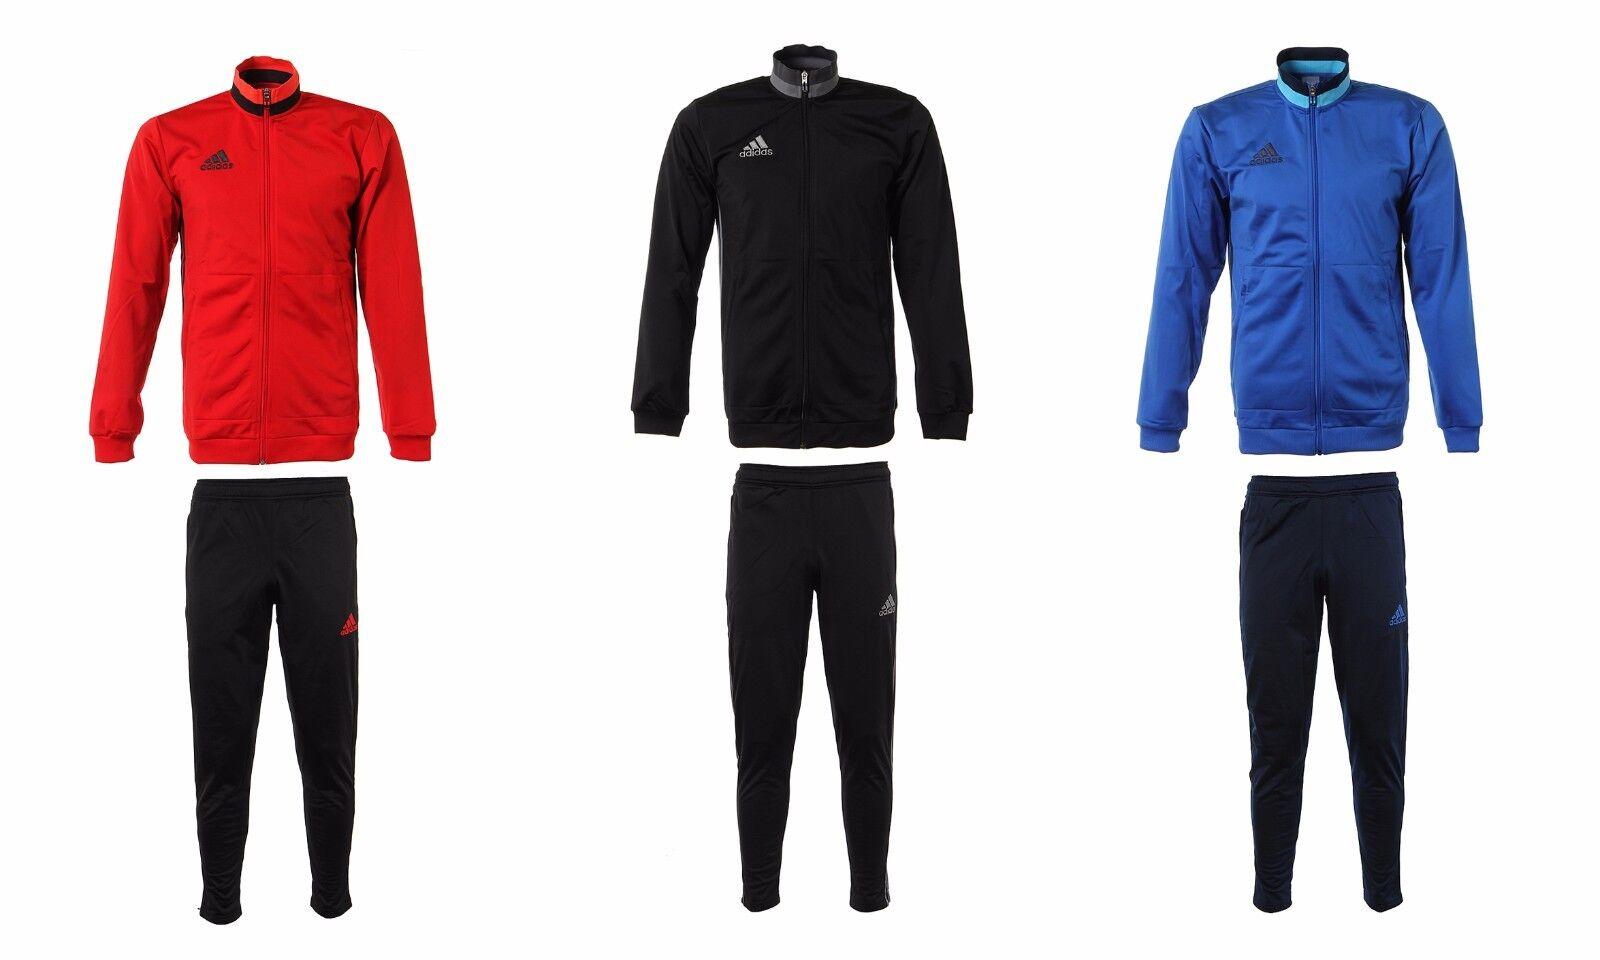 Adidas Condivo 16 PES Fleece Suit Set AN9831 Jersey Top Pants Gym Training